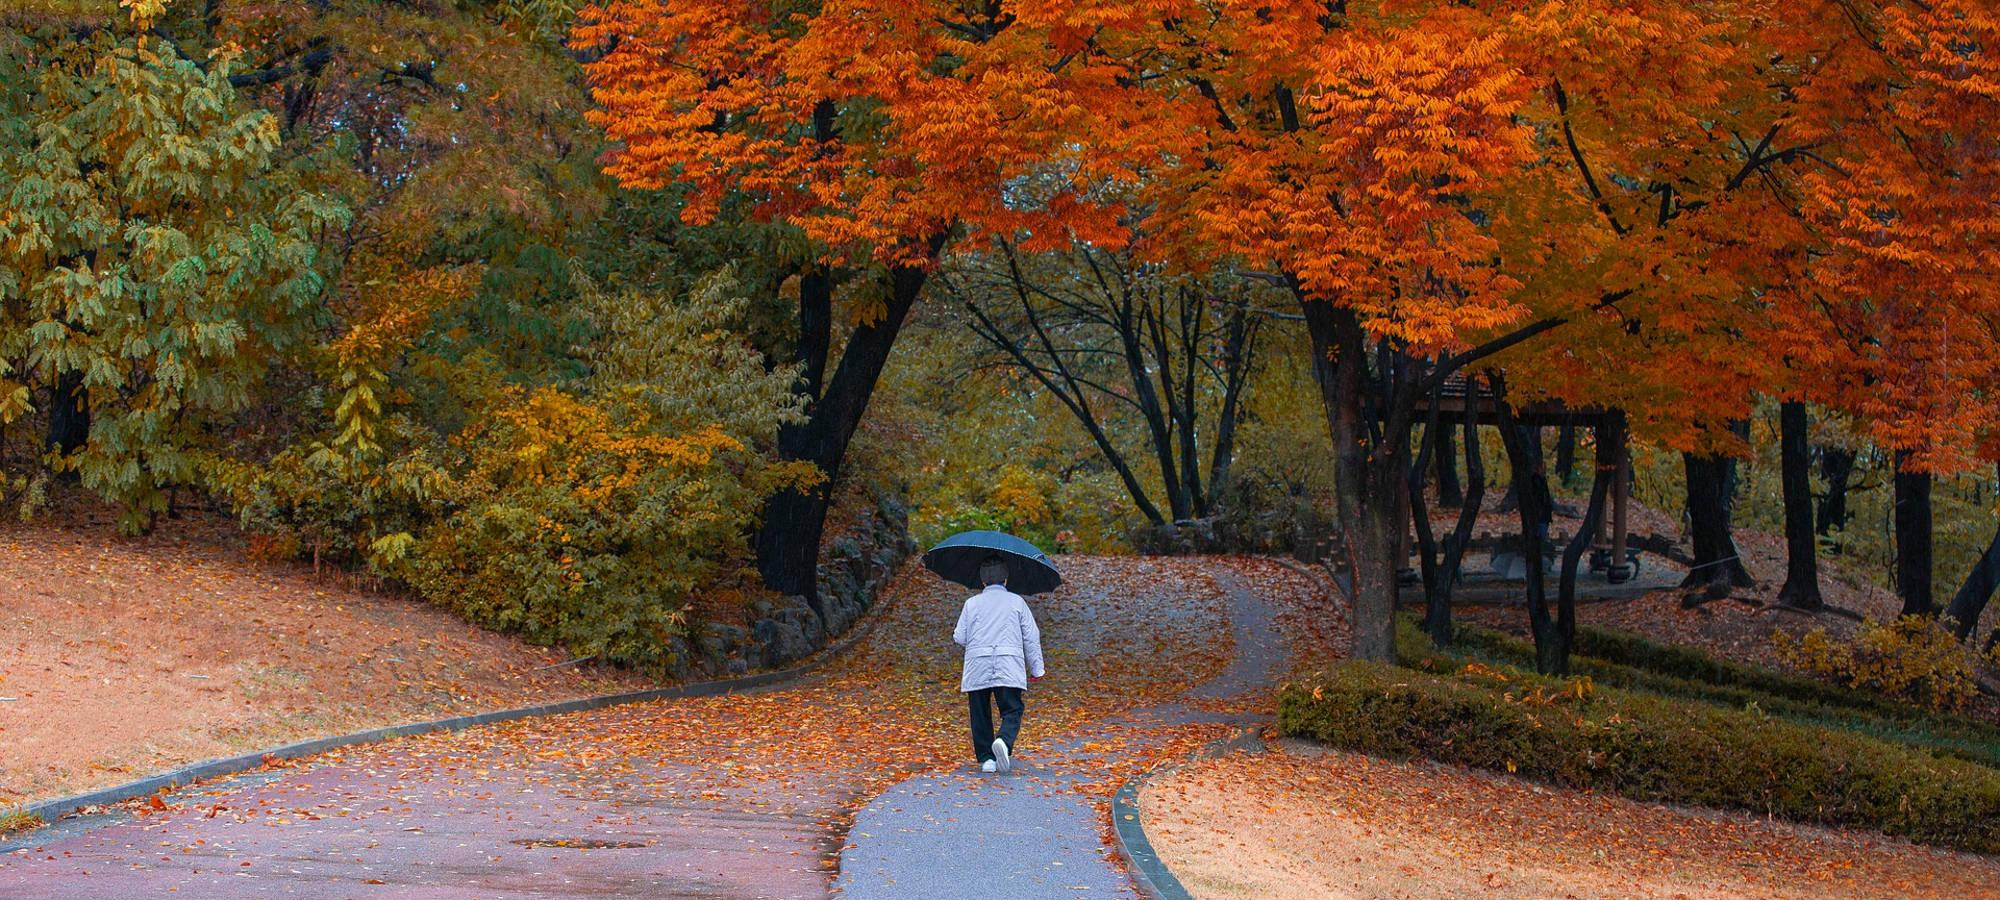 Frau mit Schirm spaziert unter herbstroten Baaeumen